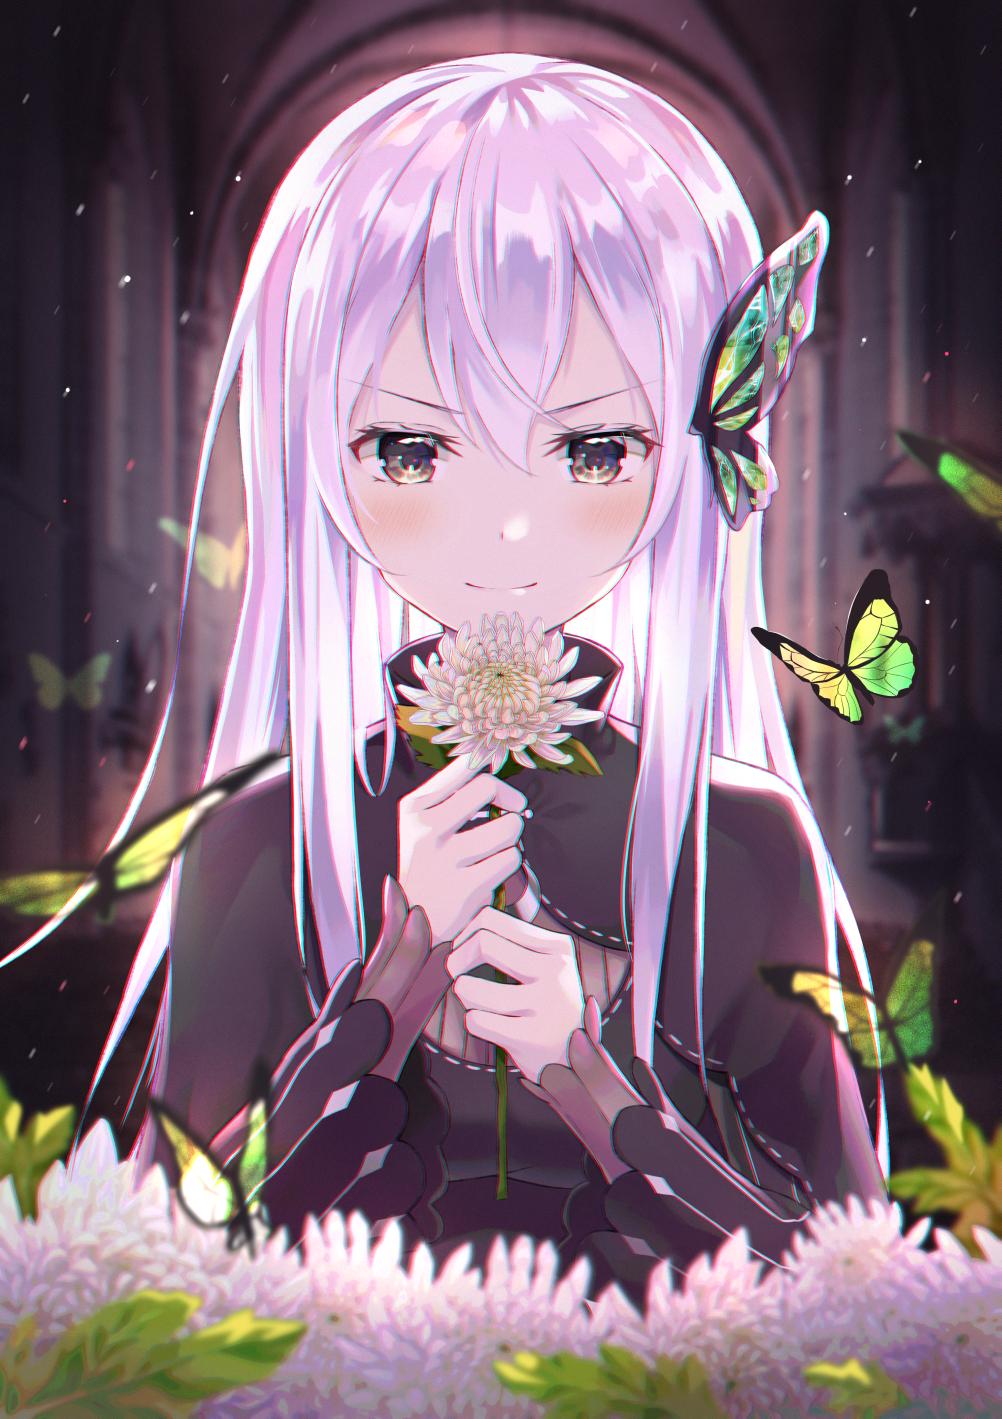 Echidna [Re:Zero]